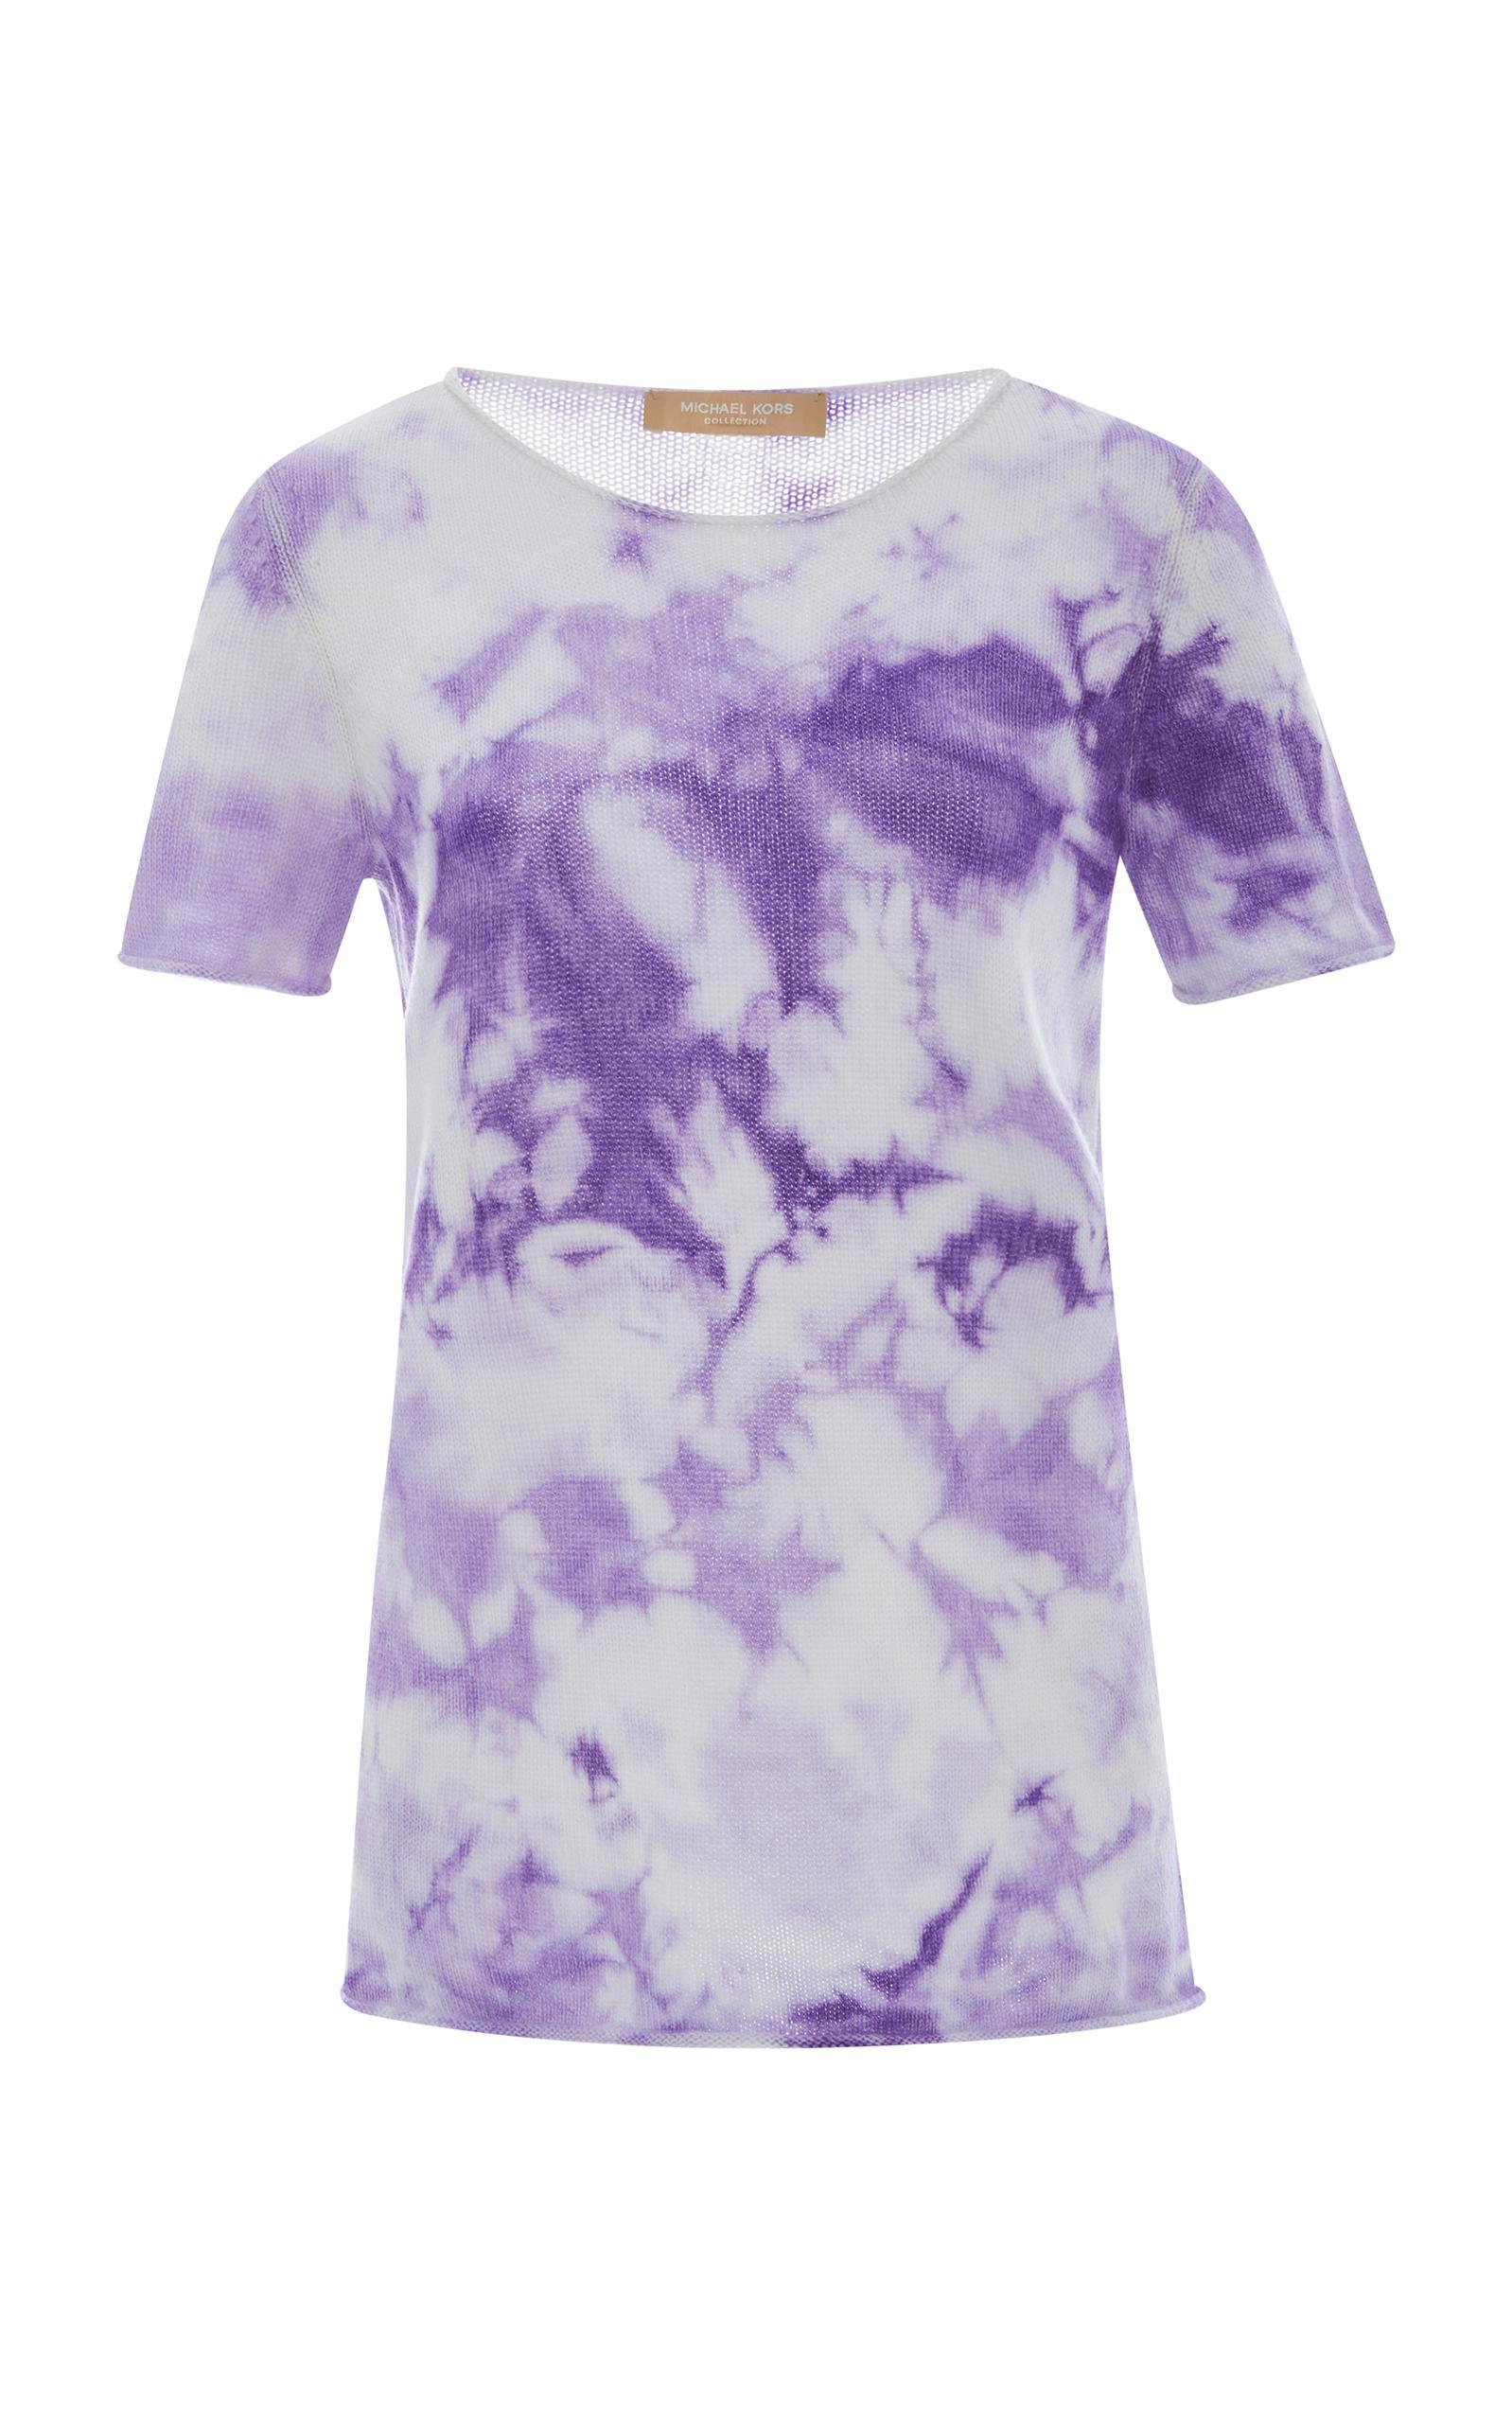 Michael Kors Short-Sleeve Tie-Dye Sweater In Purple